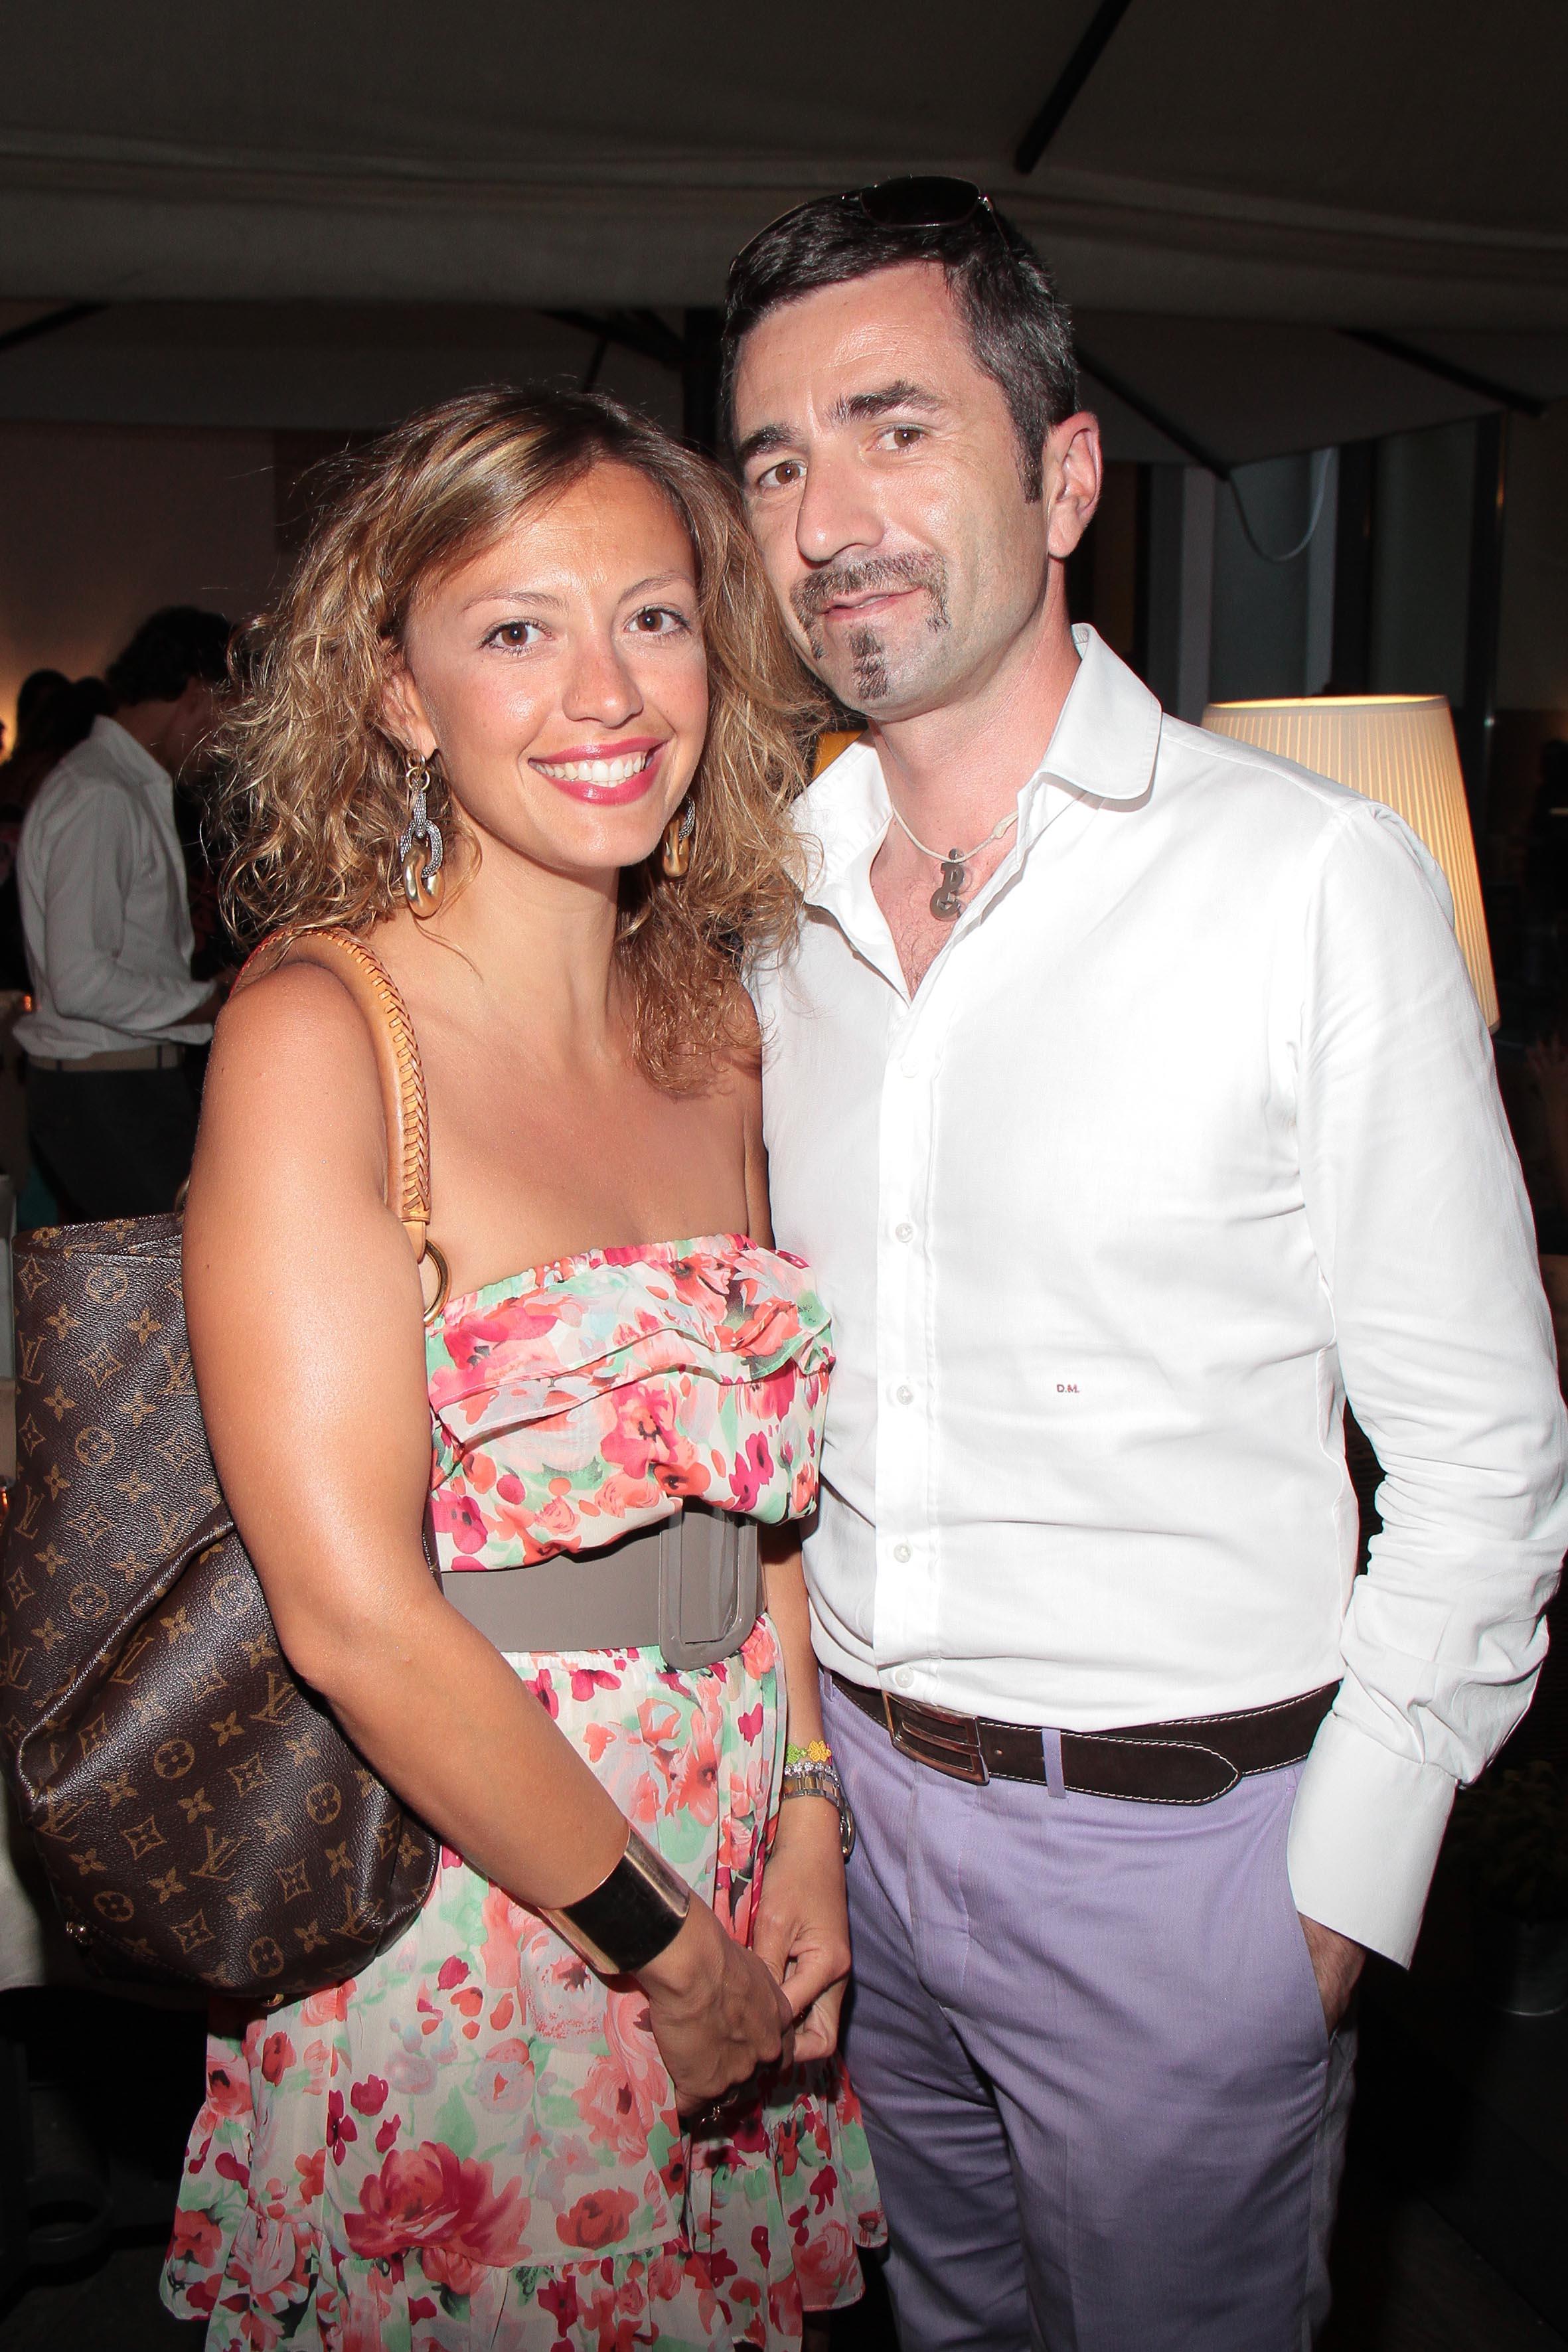 PRESSPHOTO Firenze, Obikà aperitivo. Nella foto Valentina Mattolini e Daniele Martini  giuseppe cabras/new press photo